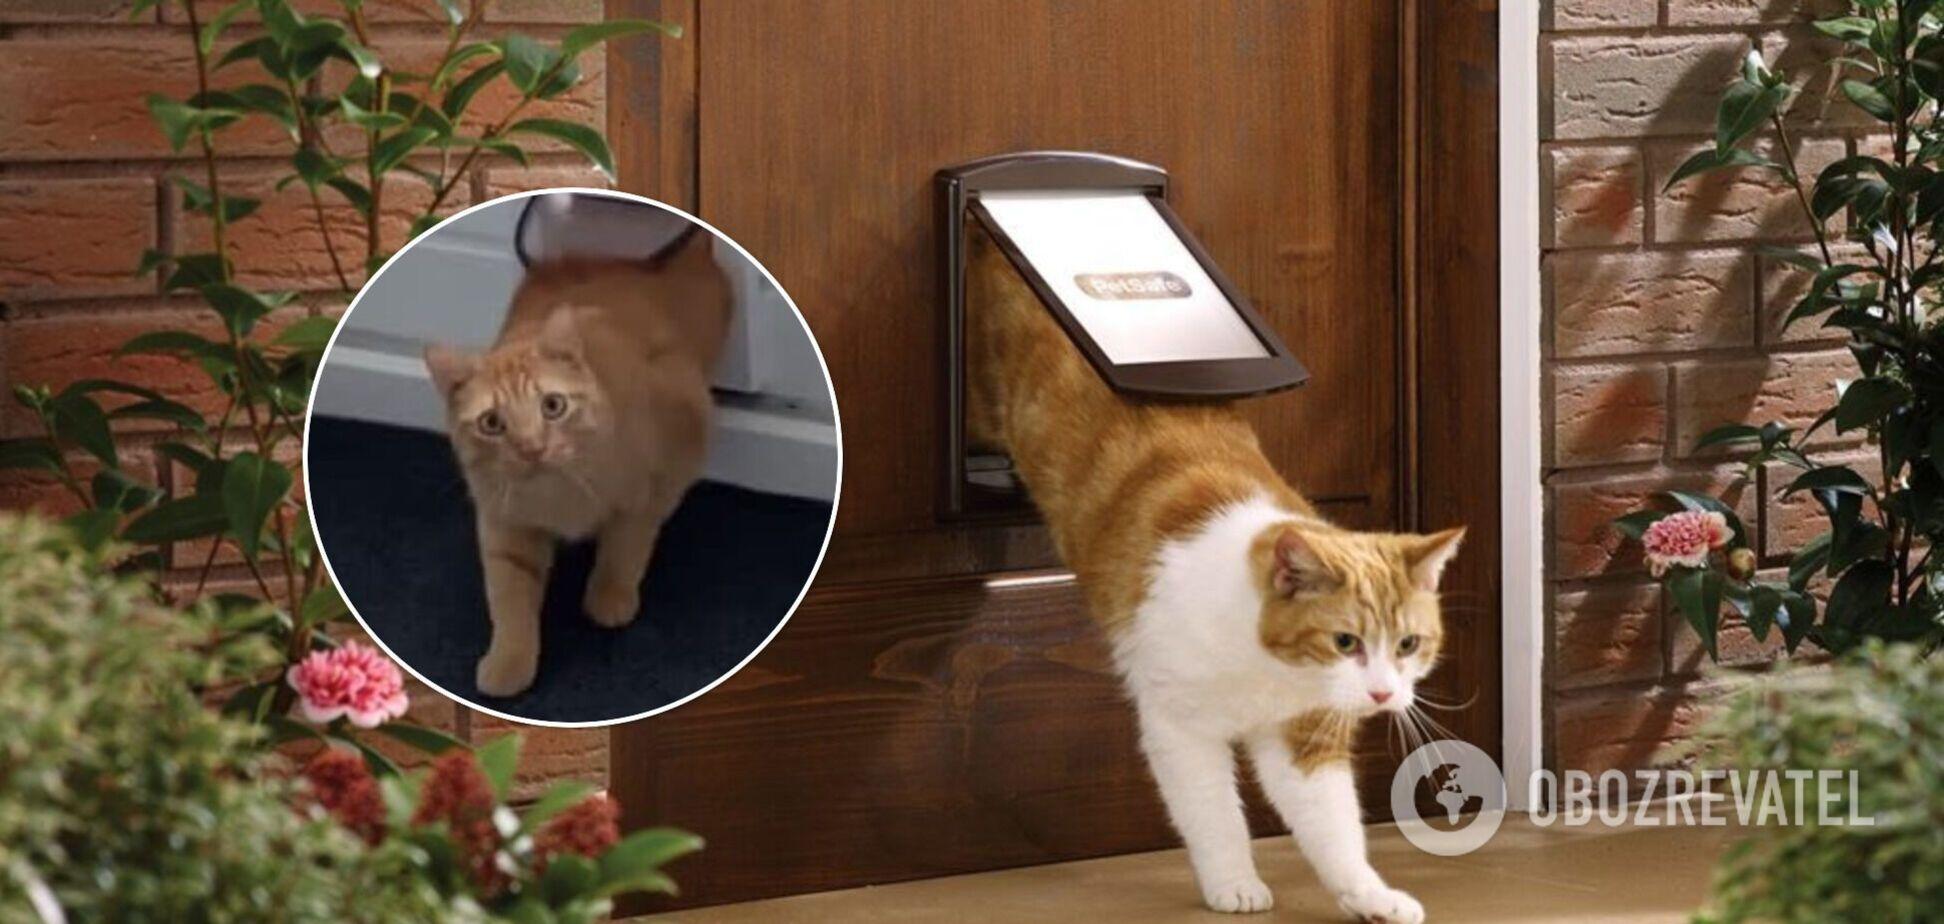 Кіт випадково вліз у чужий будинок: відео стало вірусним у мережі